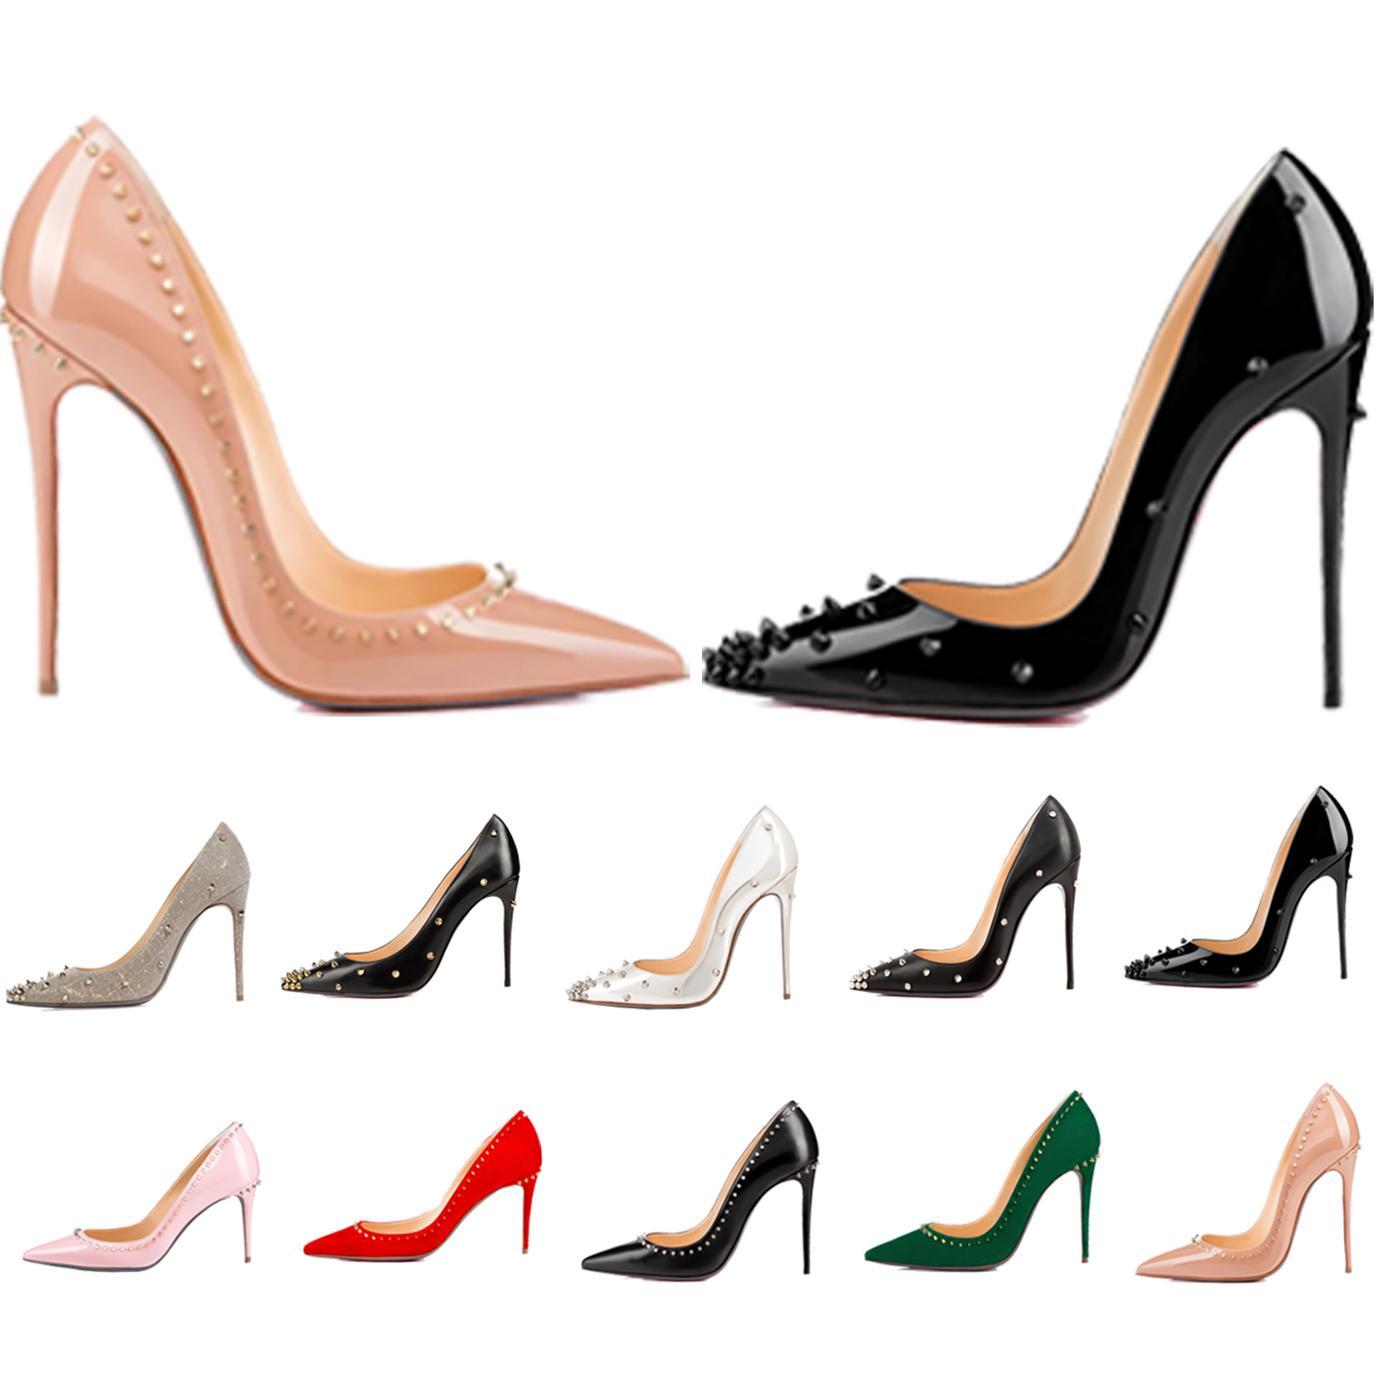 Mulheres Vestido Sapatos Vermelho Bottom High Heavens Womens Luxurys Designers Genuíno Bombas de Couro Senhora Sandálias Bottoms com plataforma de caixa